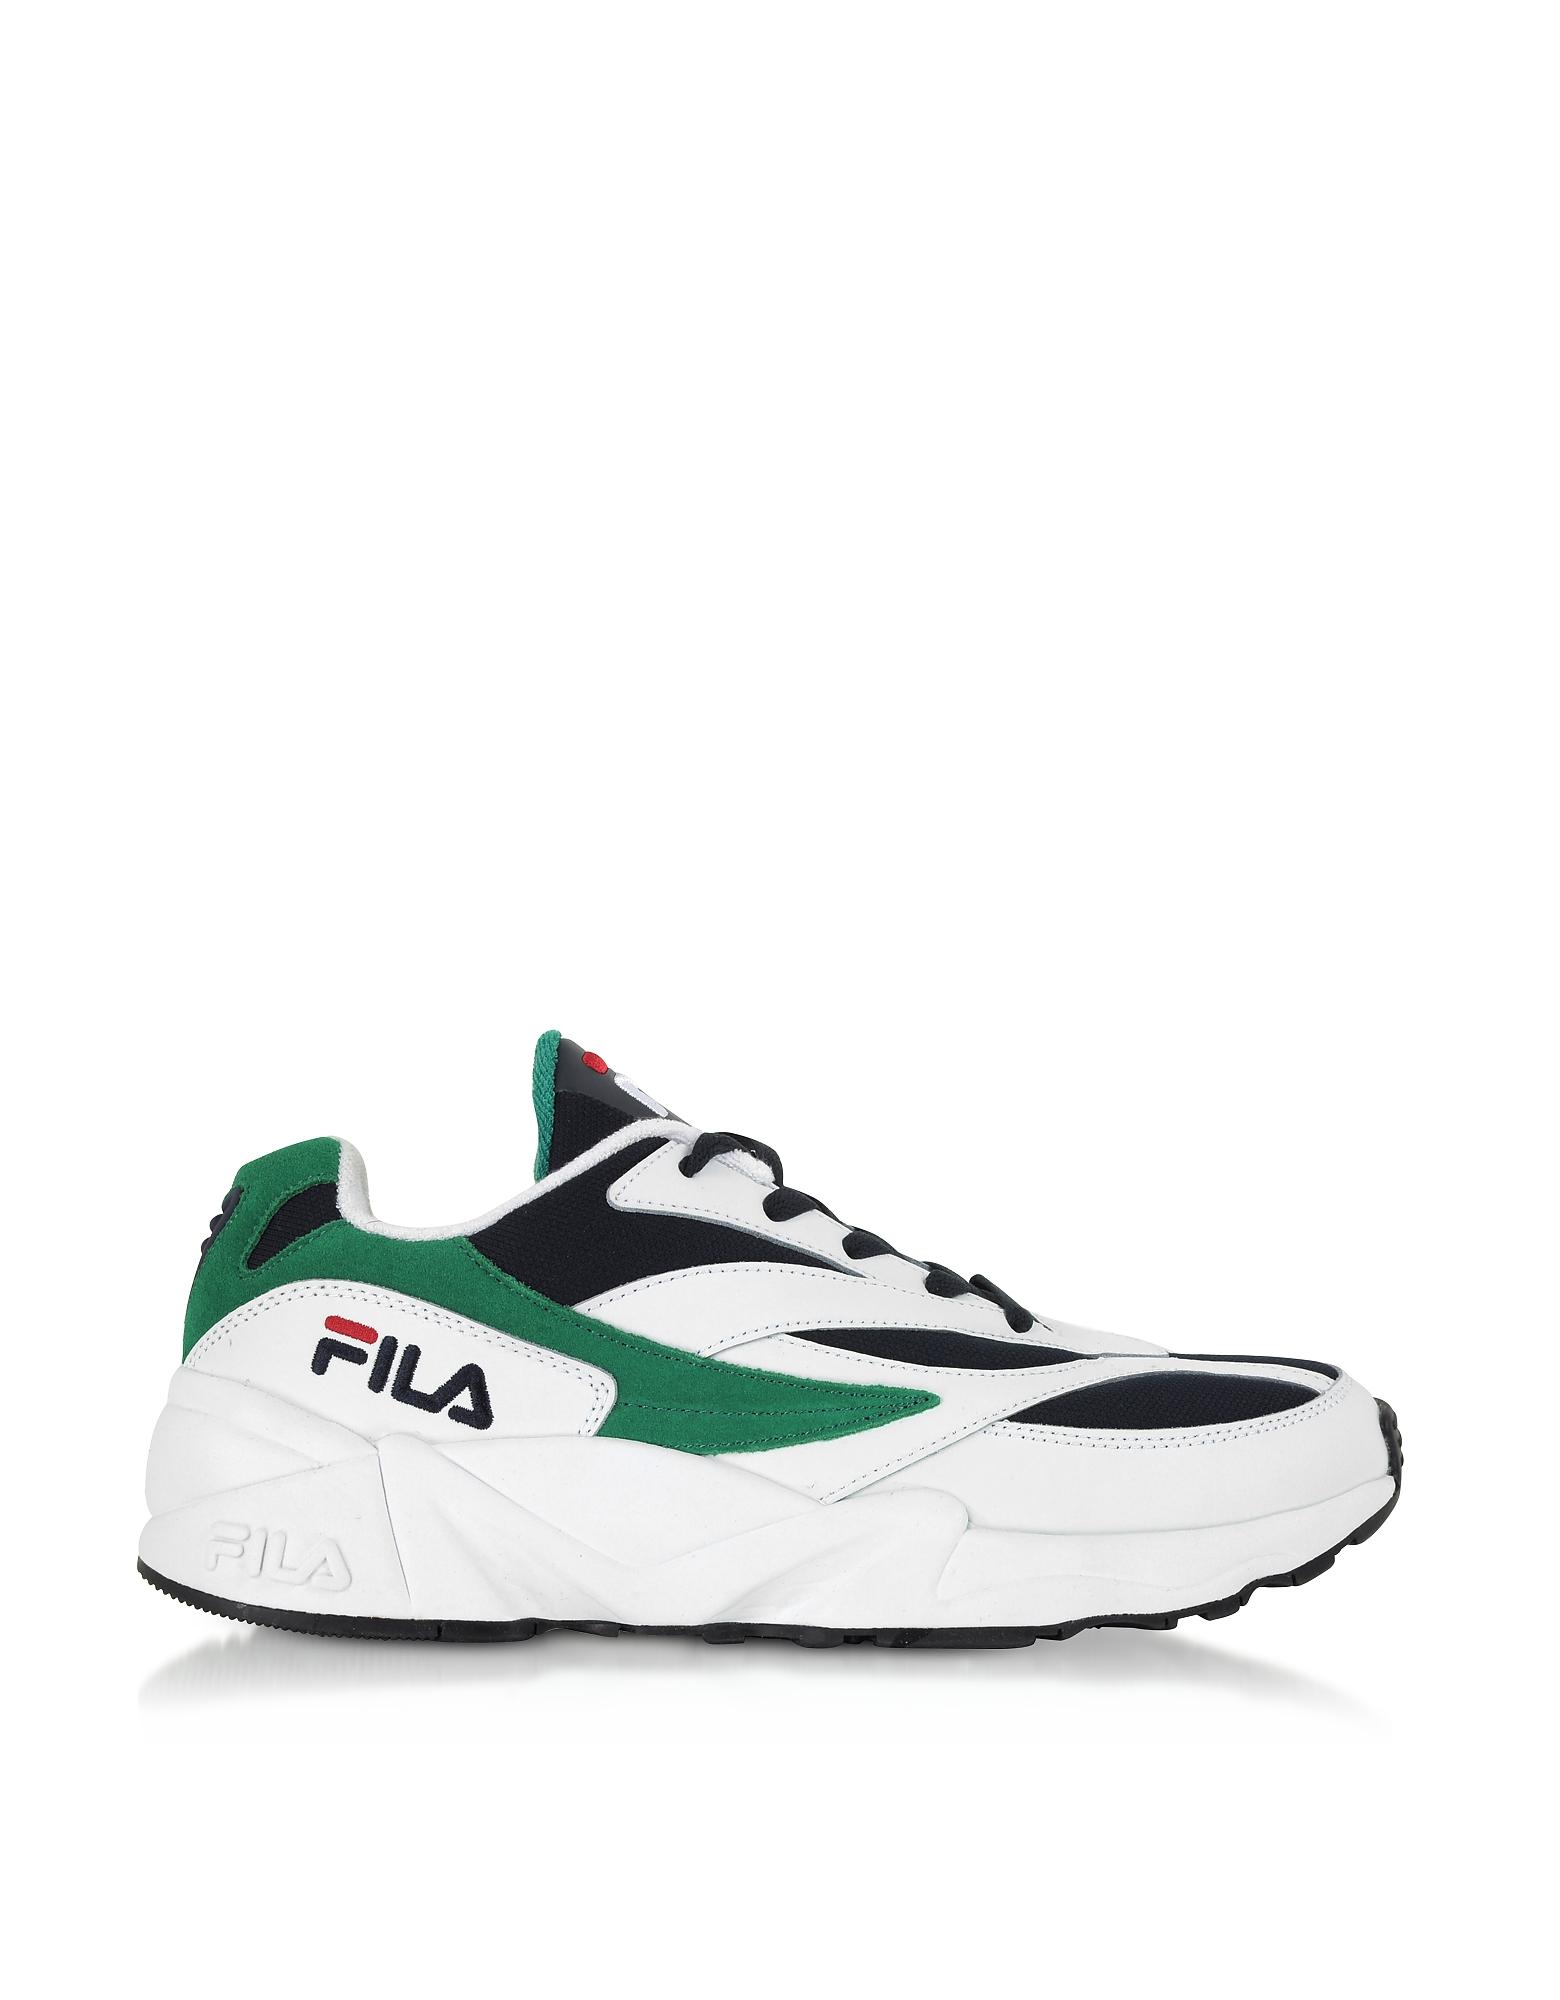 FILA Designer Shoes, V94M Low White & Navy Blue Men's Sneakers